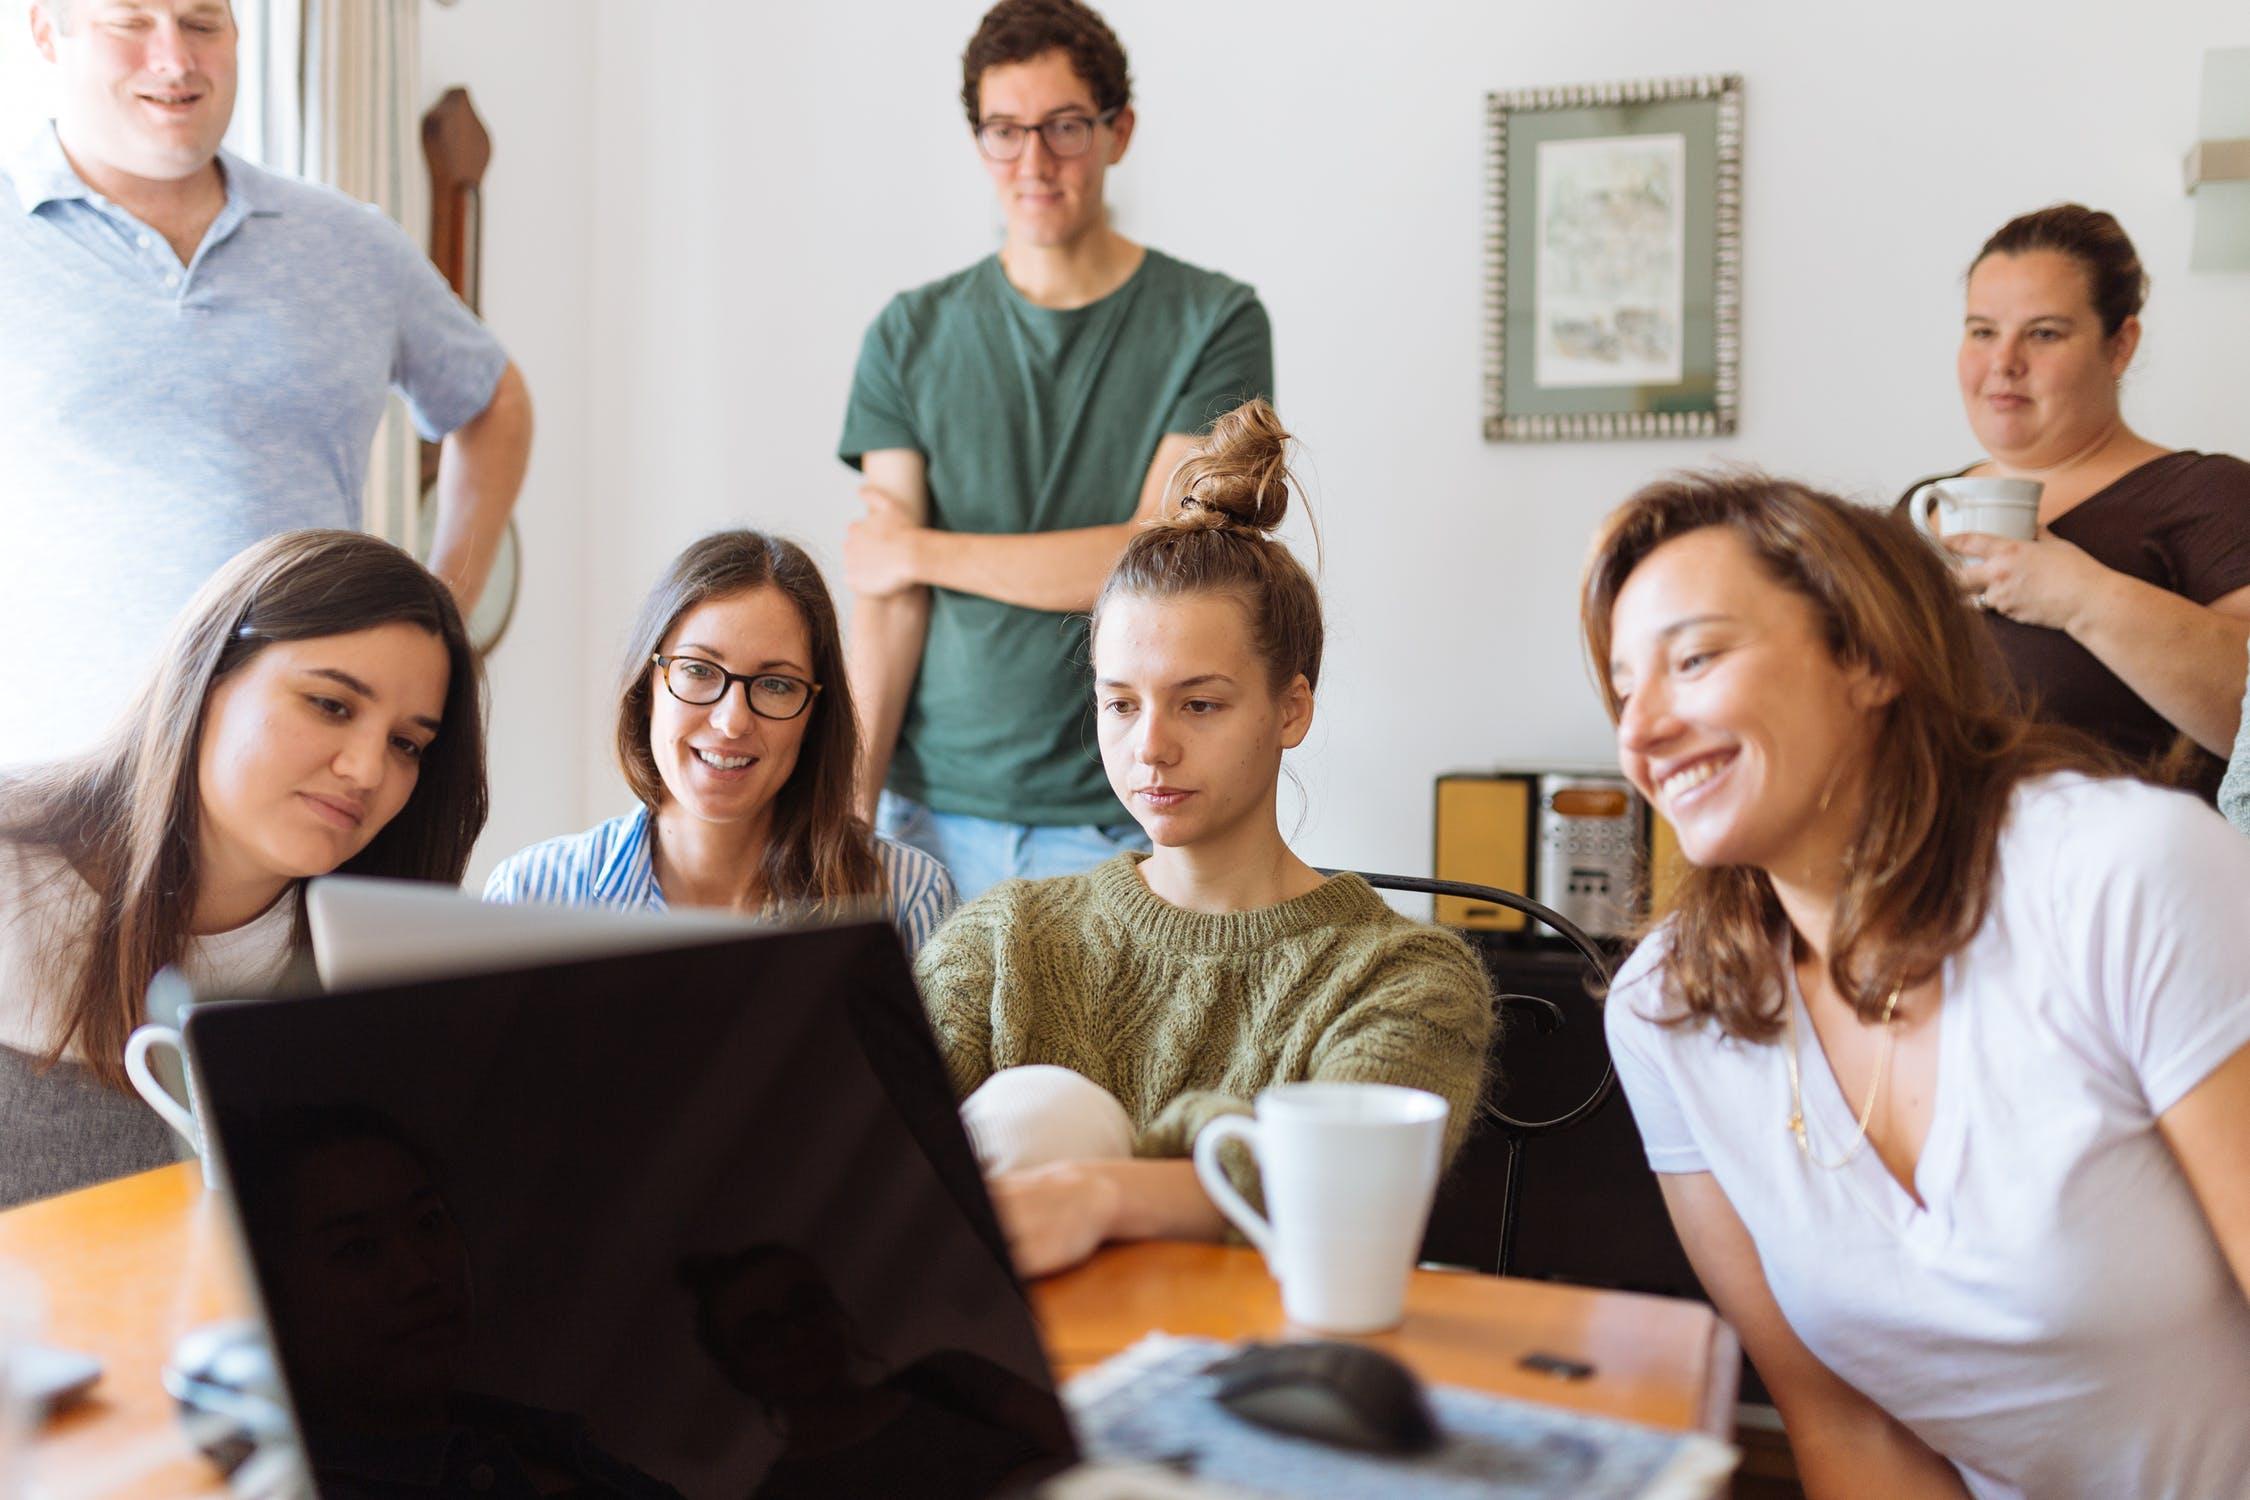 Engagement productivité performance rapide